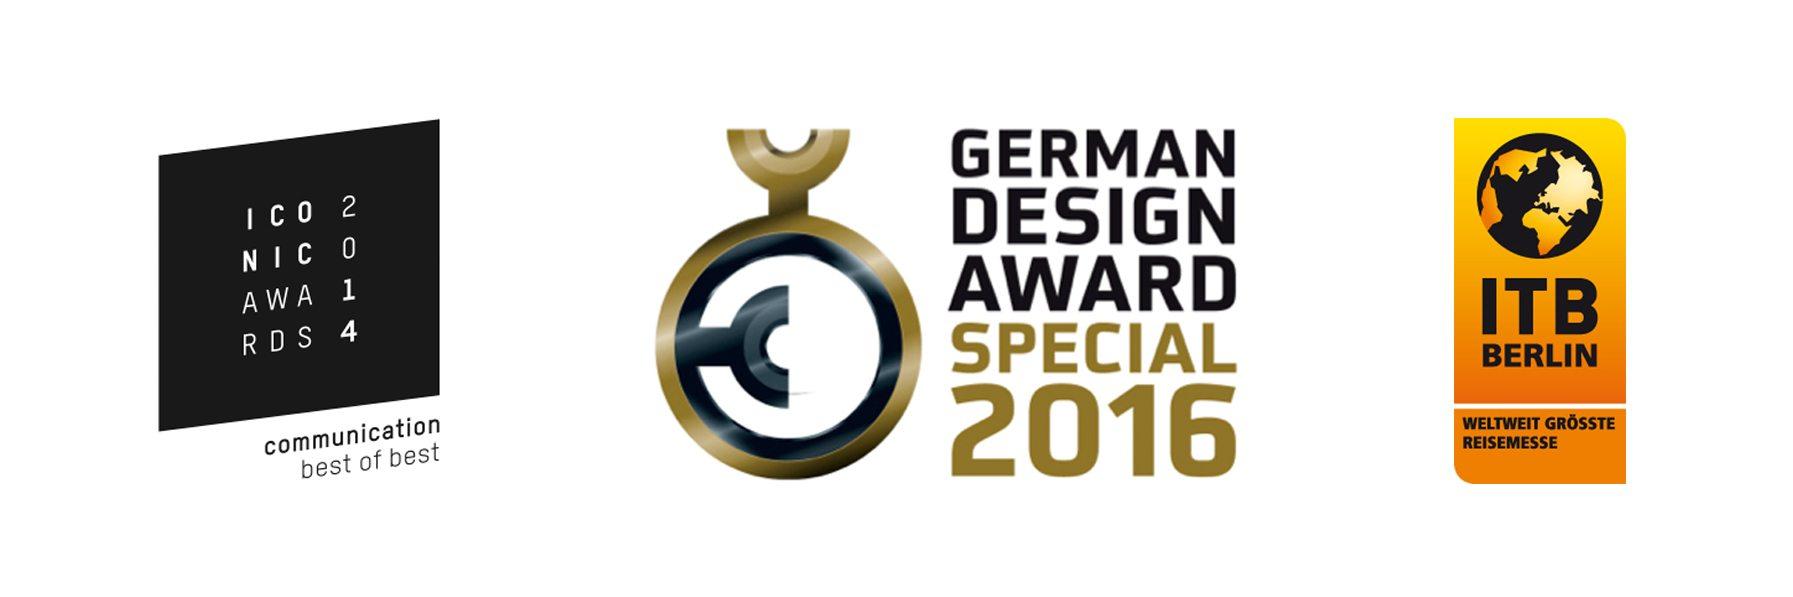 Würdigungen:. Iconic Award 2014, German Design Award 2016, ITB BookAward 2017 für die Architekturführer-Reihe von DOM publishers, insbesondere für den Architekturführer Vereinigte Arabische Emirate